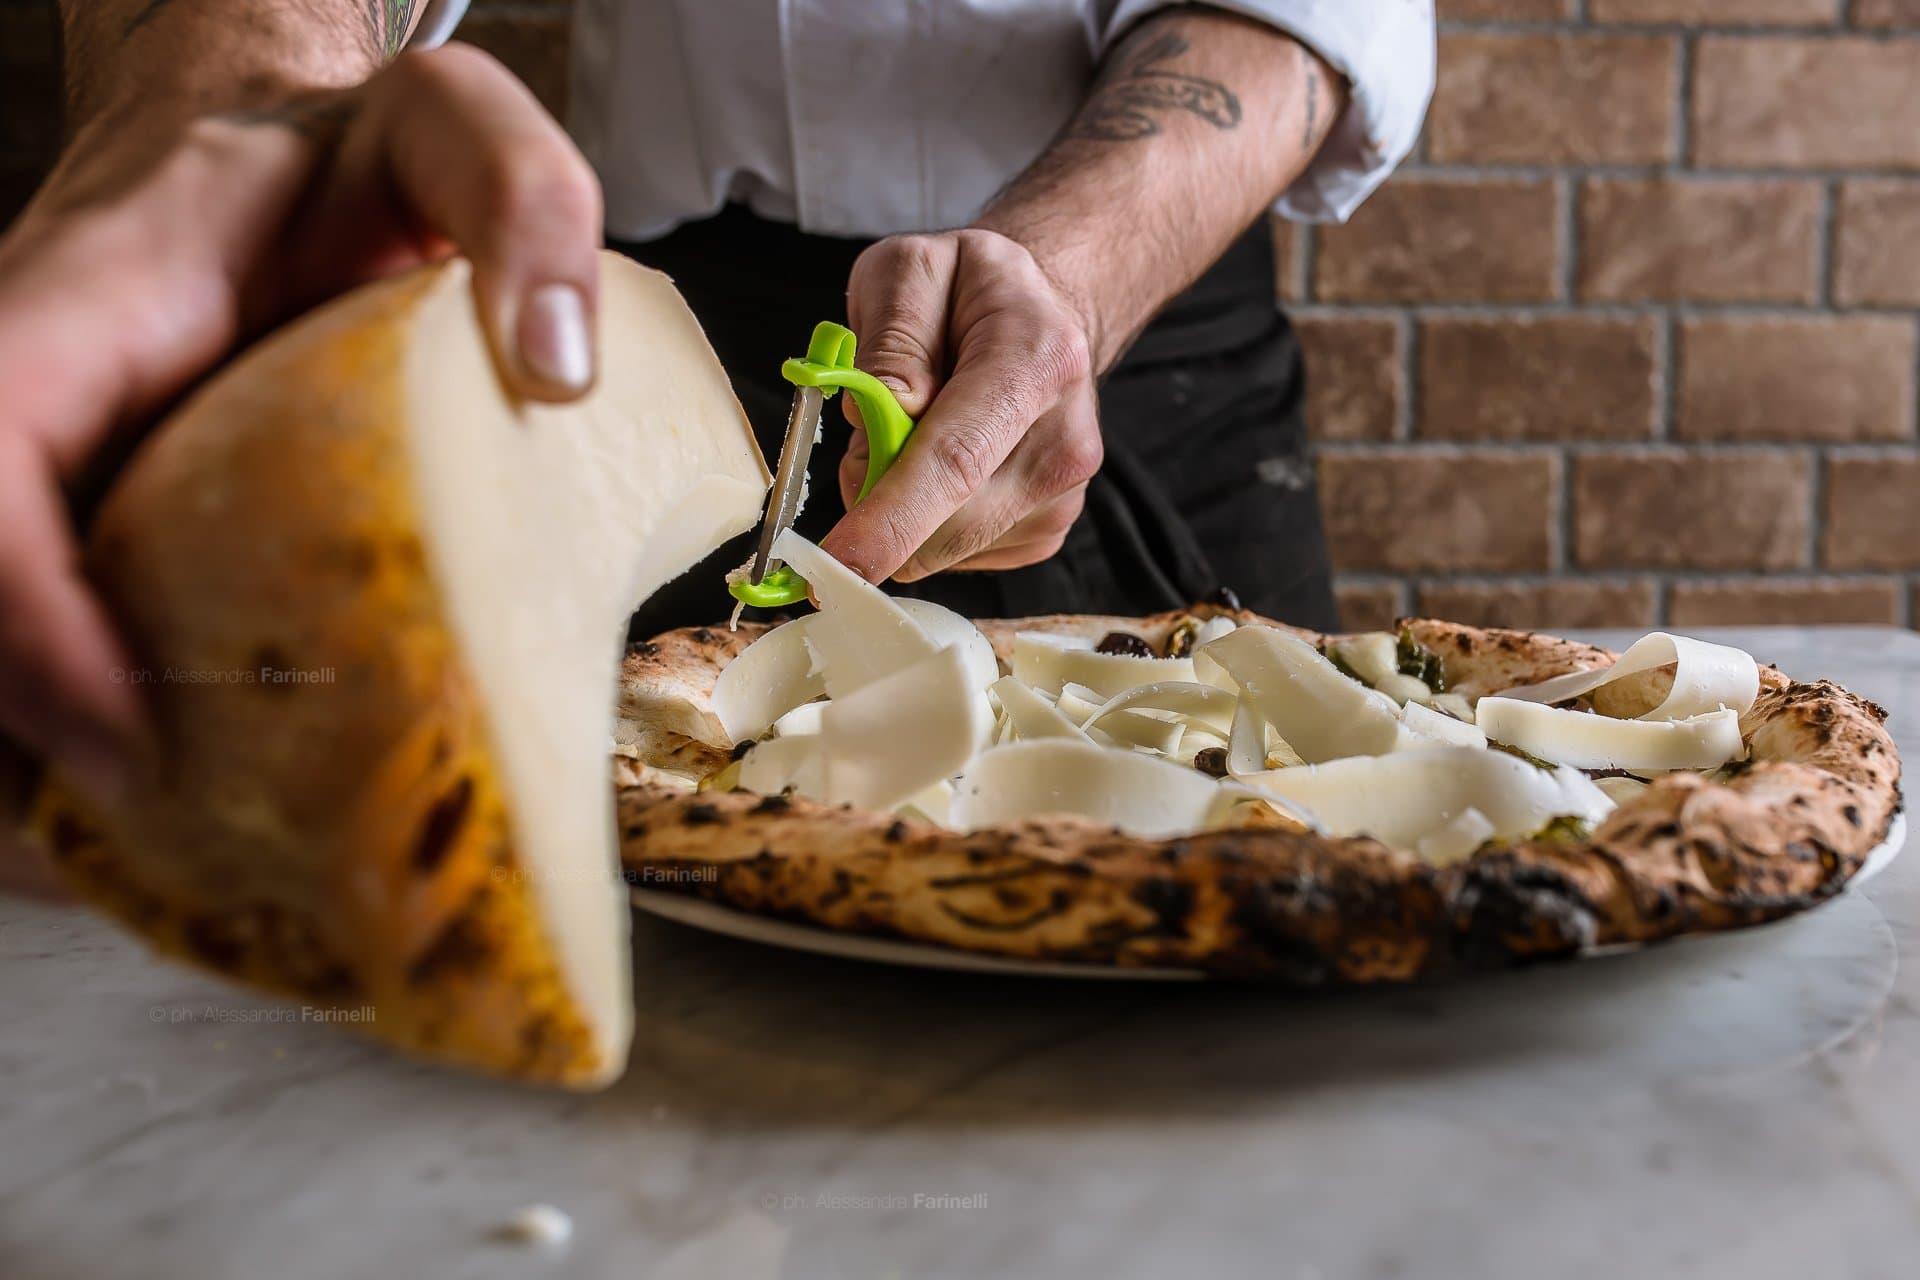 fotografia di pizza